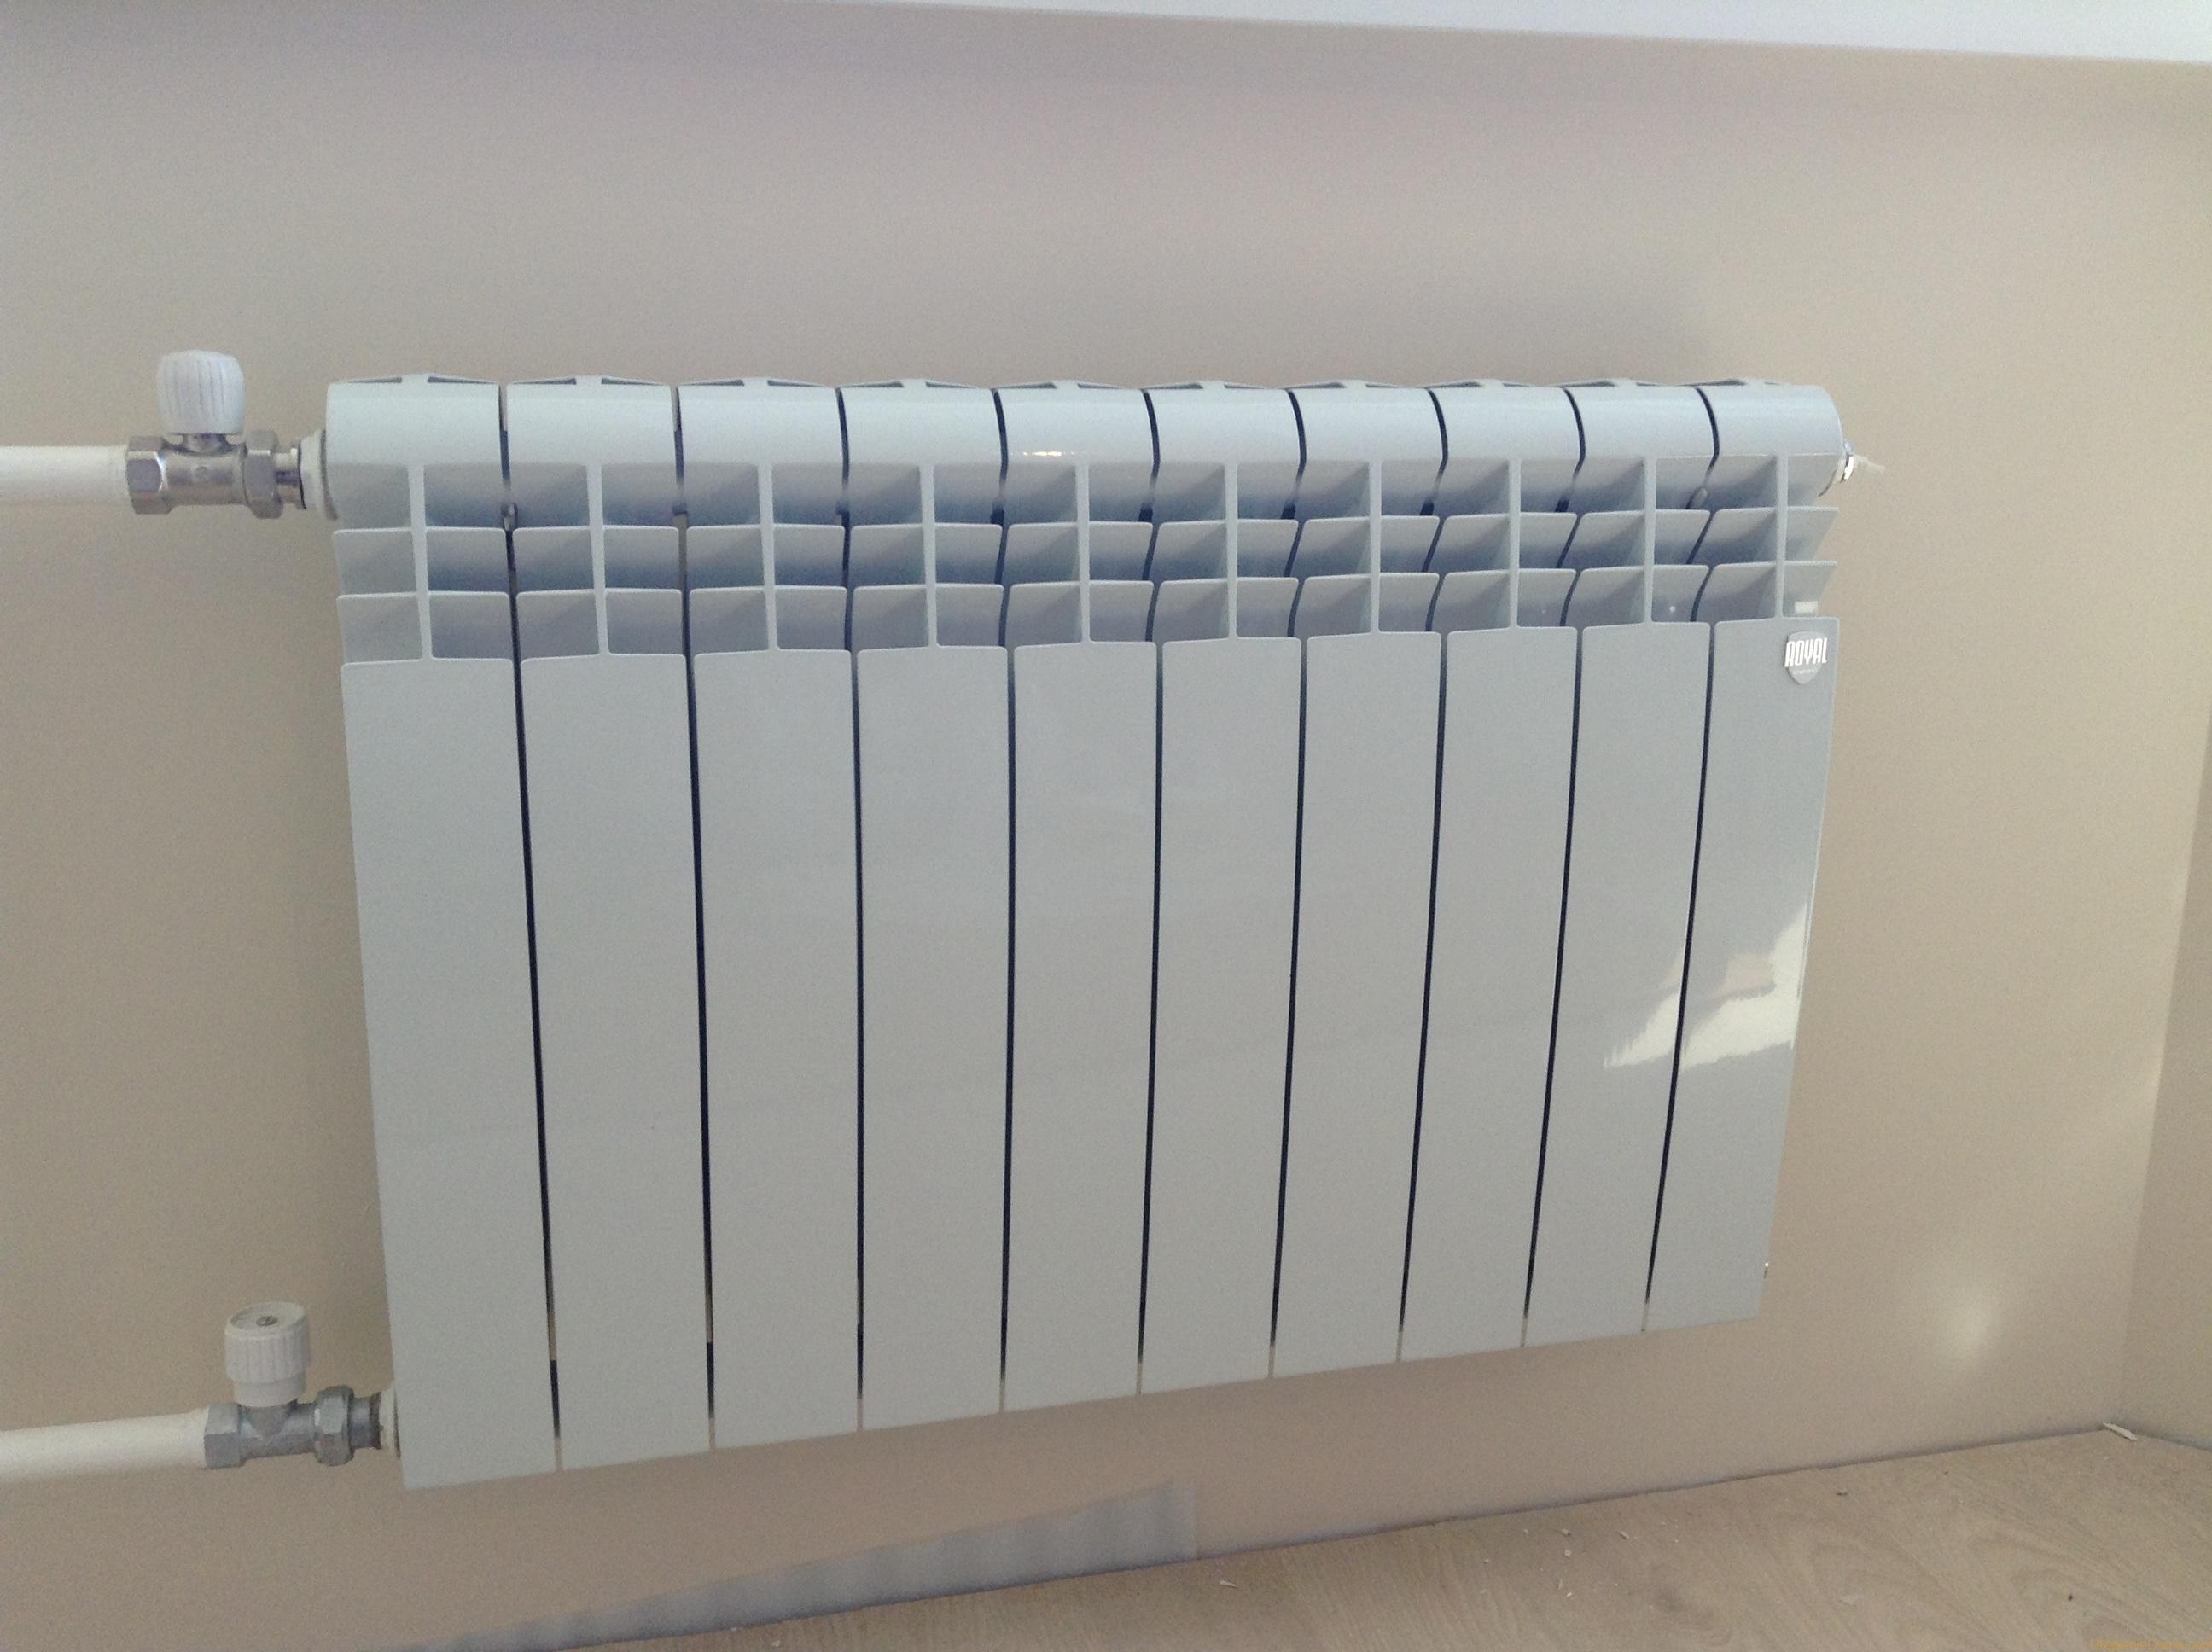 Биметаллические радиаторы отопления: какие лучше и надежнее, как выбрать лучшие для квартиры, выбор монолитных батарей